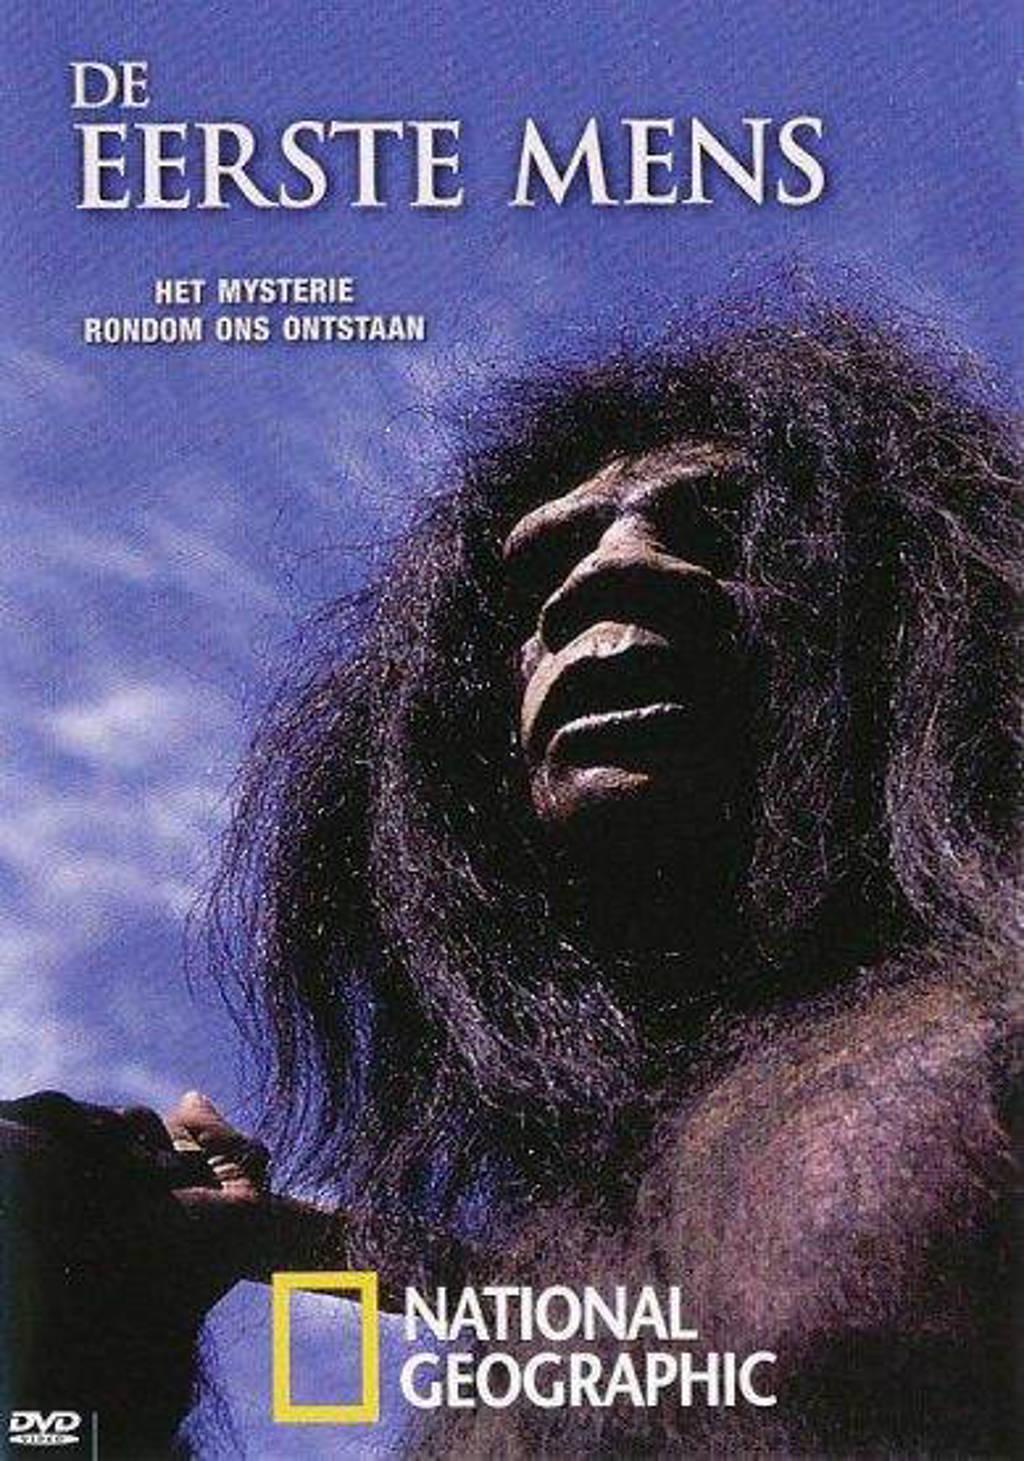 National geographics - De eerste mens (DVD)